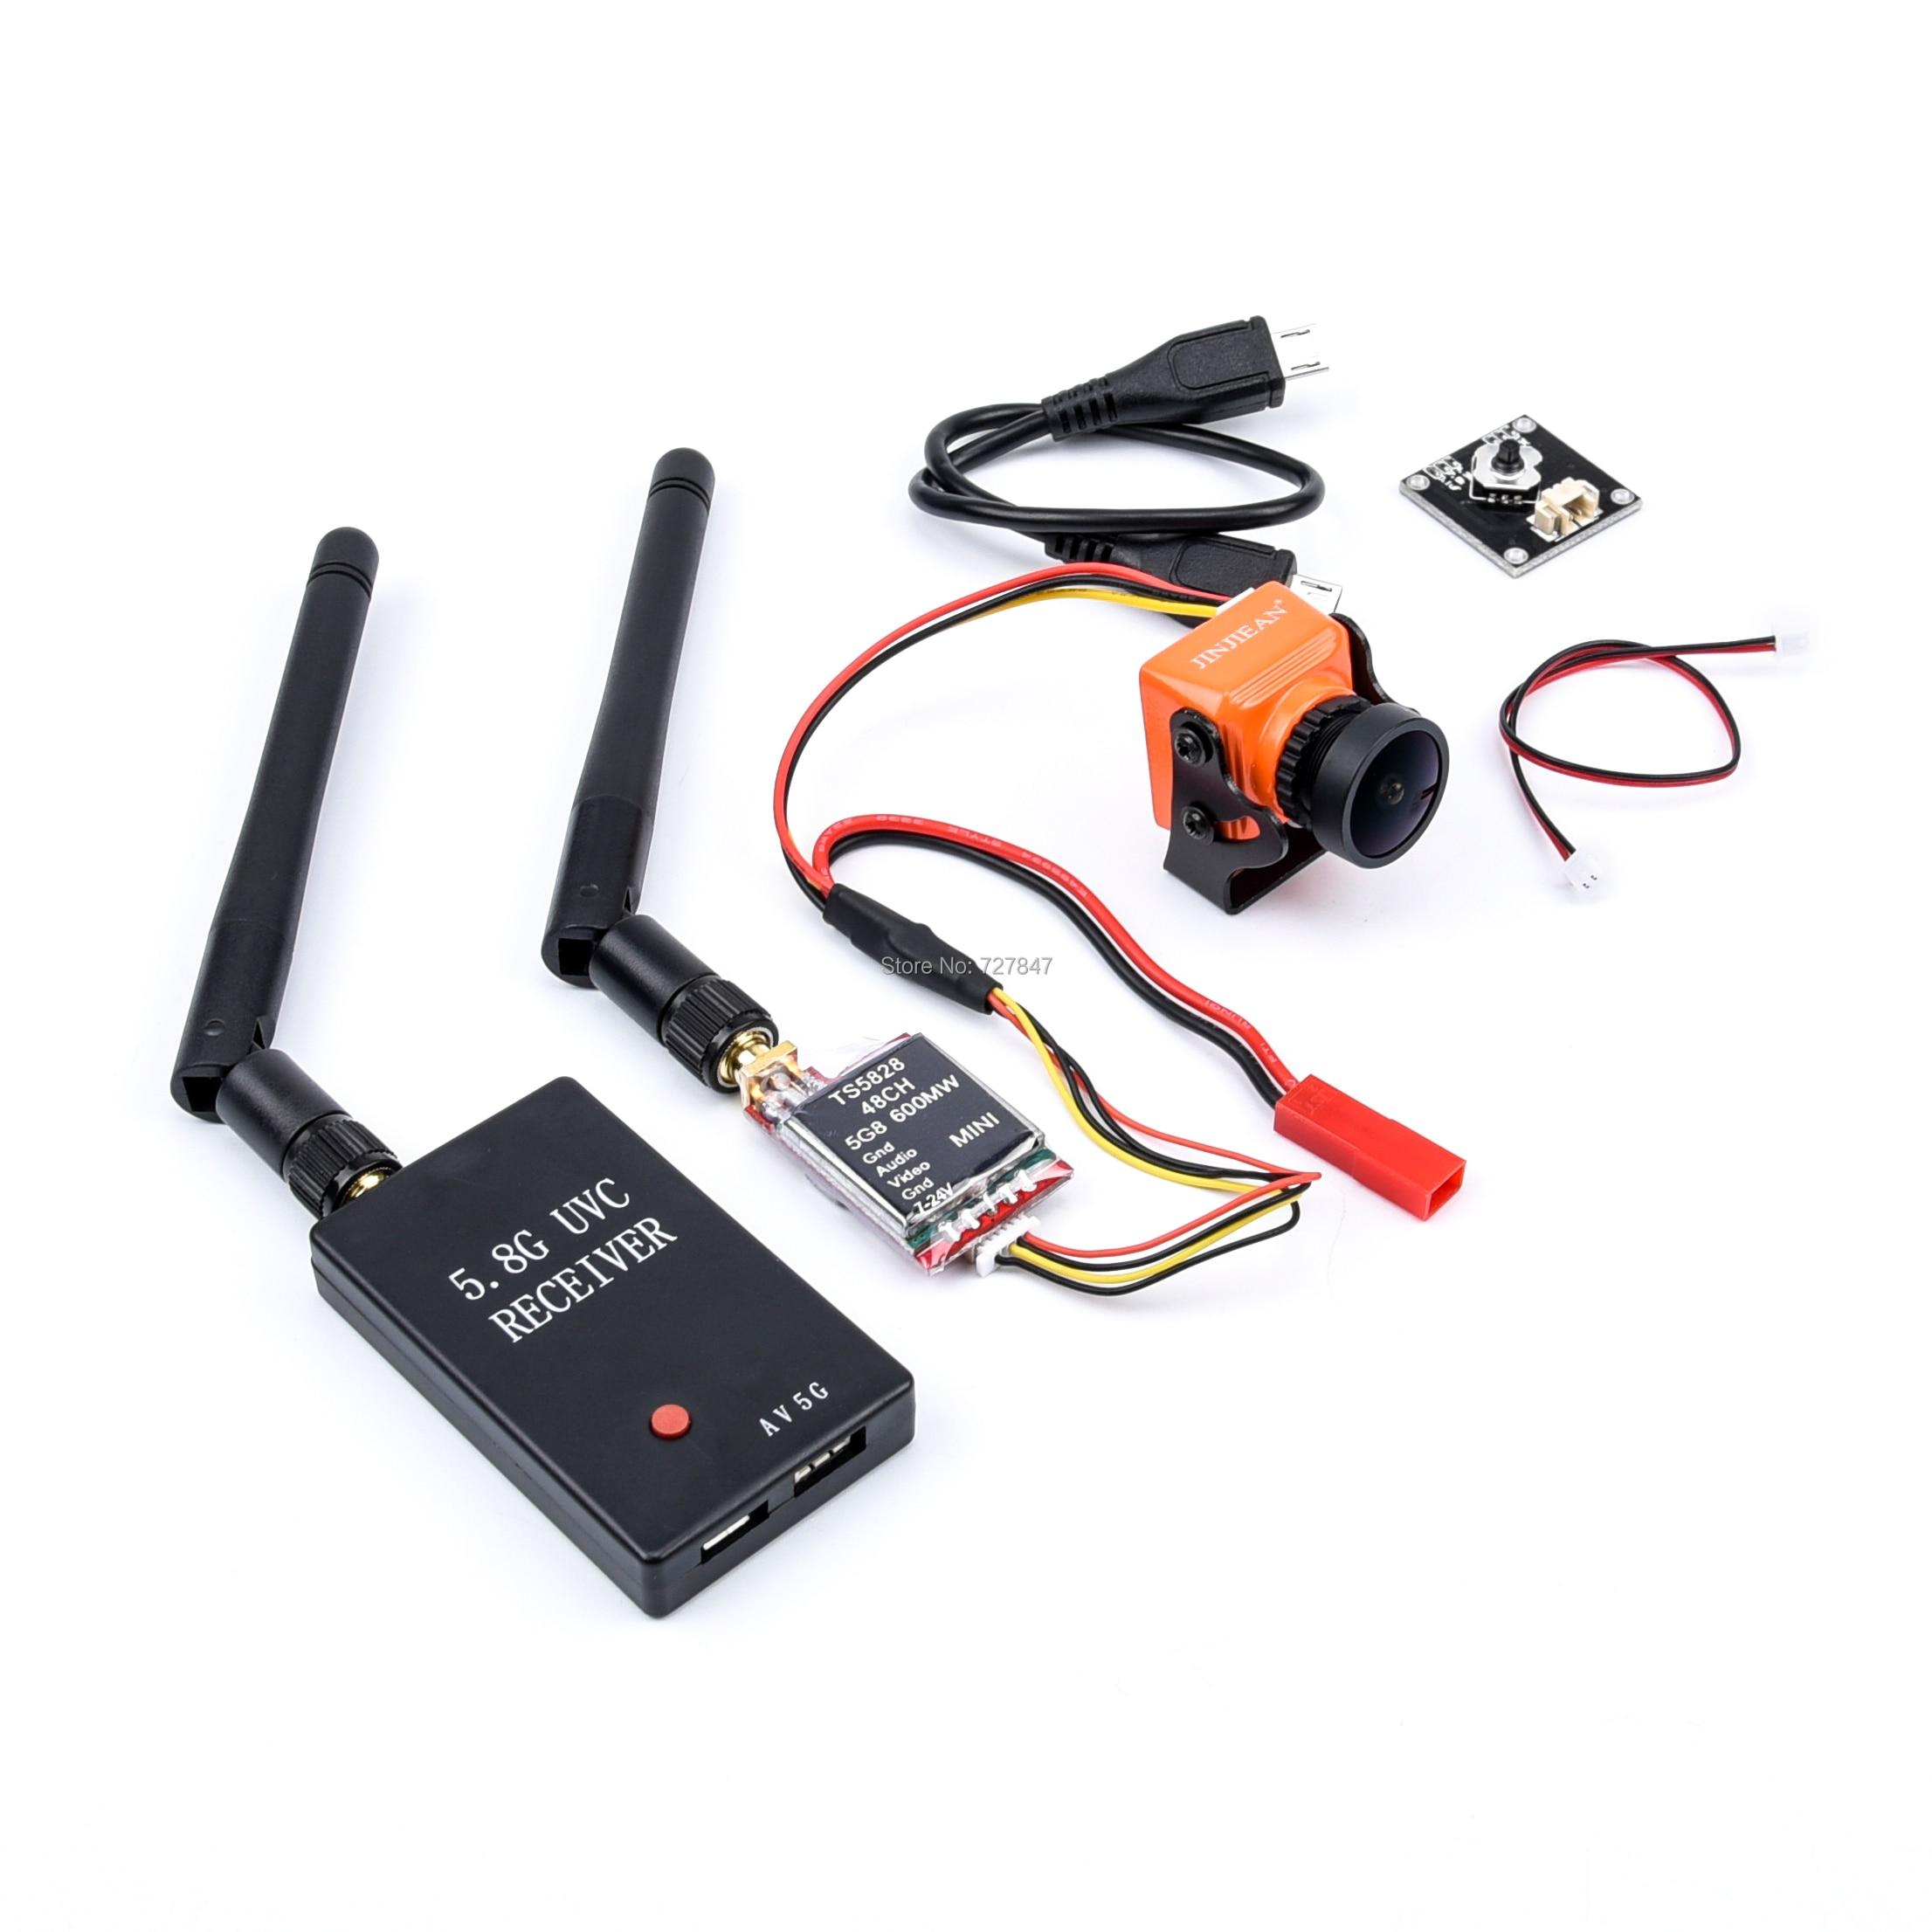 FPV 5,8G TS5823 200 МВт/TS5828 600 мВт передатчик + камера A23 1500TVL + мини 5,8G FPV приемник UVC видео|Детали и аксессуары|   | АлиЭкспресс